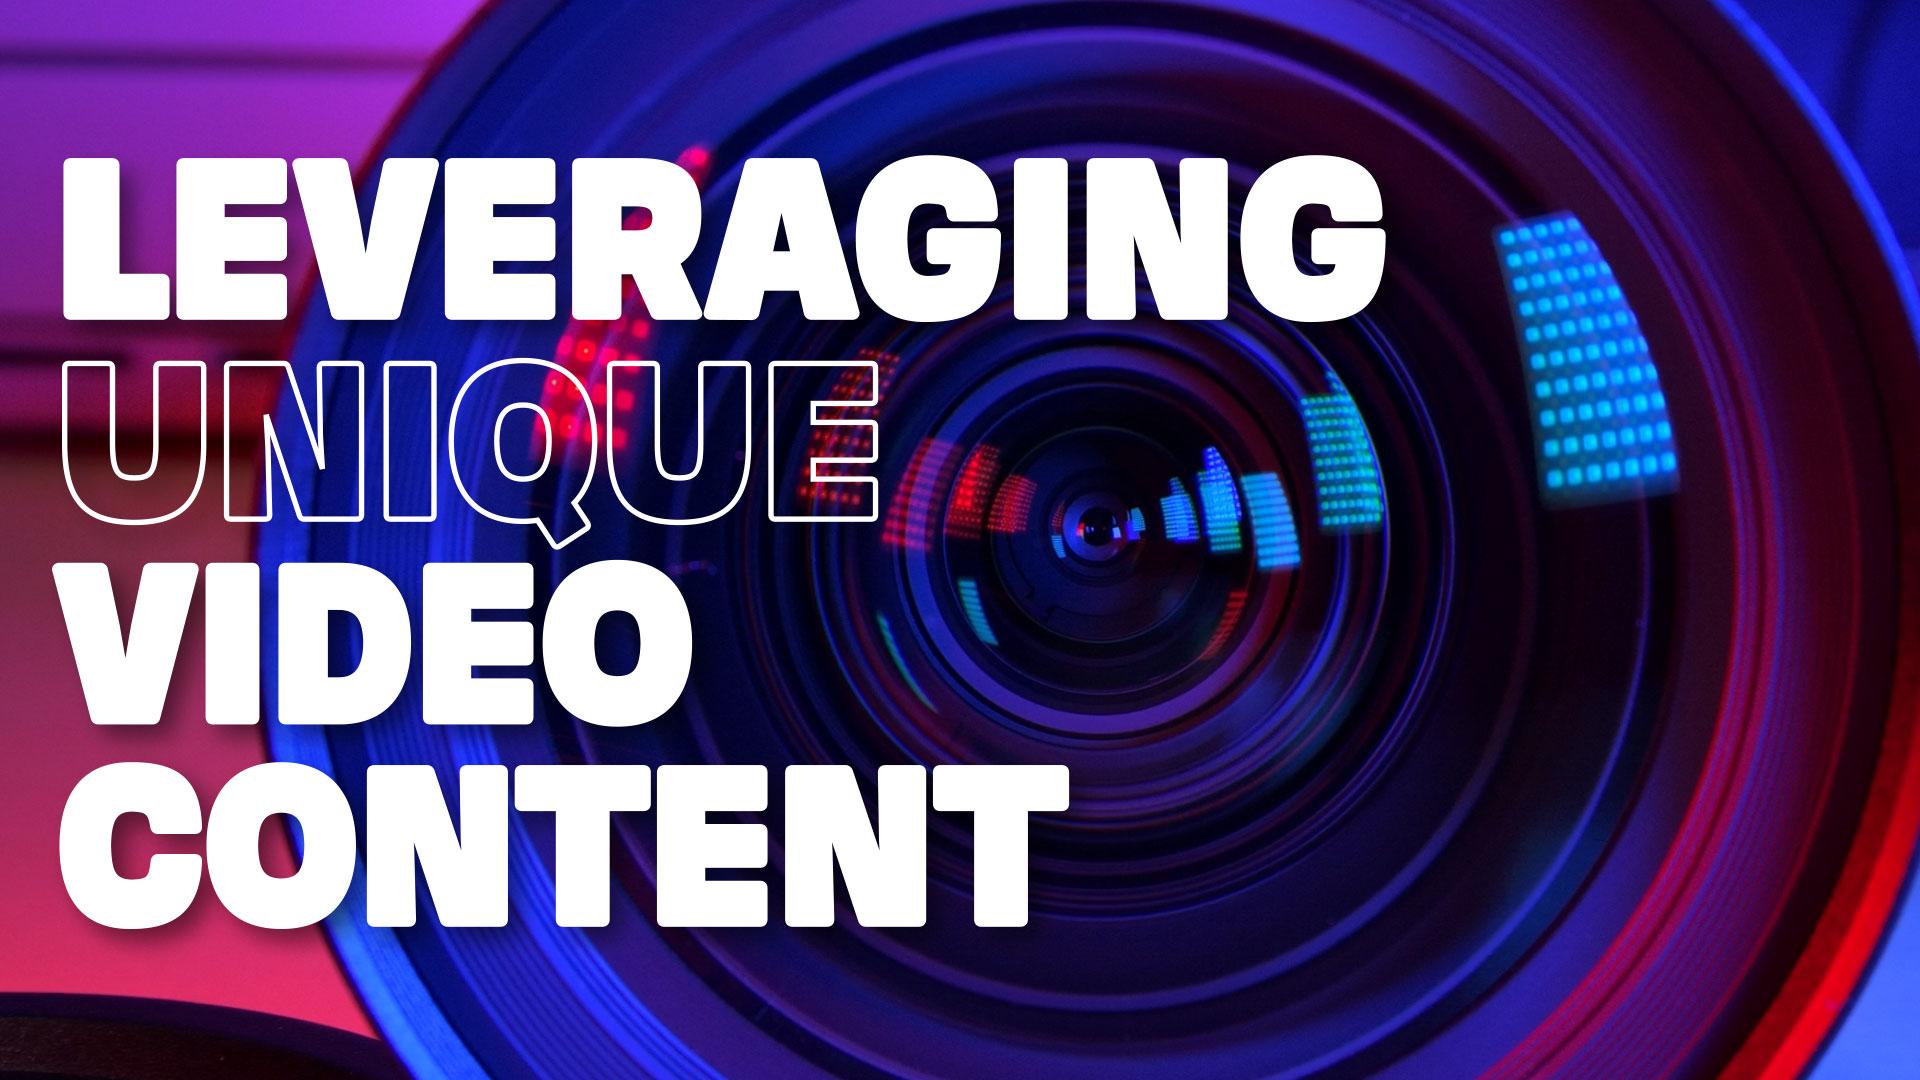 Leveraging Unique Video Content